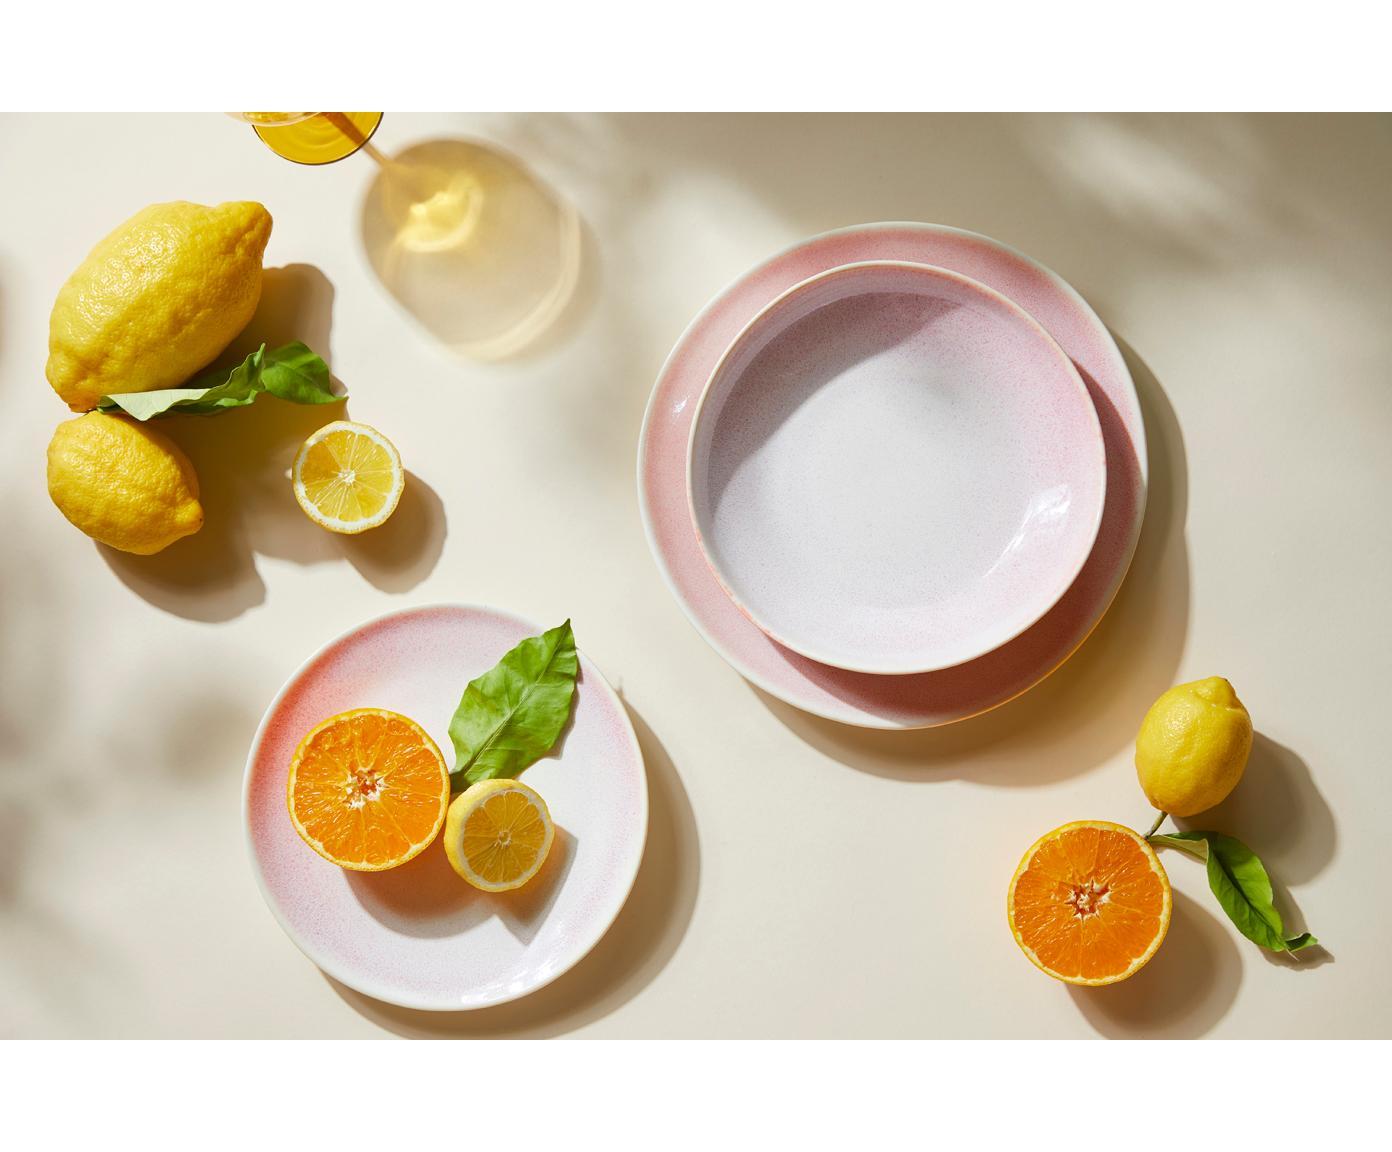 Handgemachte Suppenteller Amalia mit effektvoller Glasur, 2 Stück, Porzellan, Hellrosa, Cremeweiß, Ø 20 cm